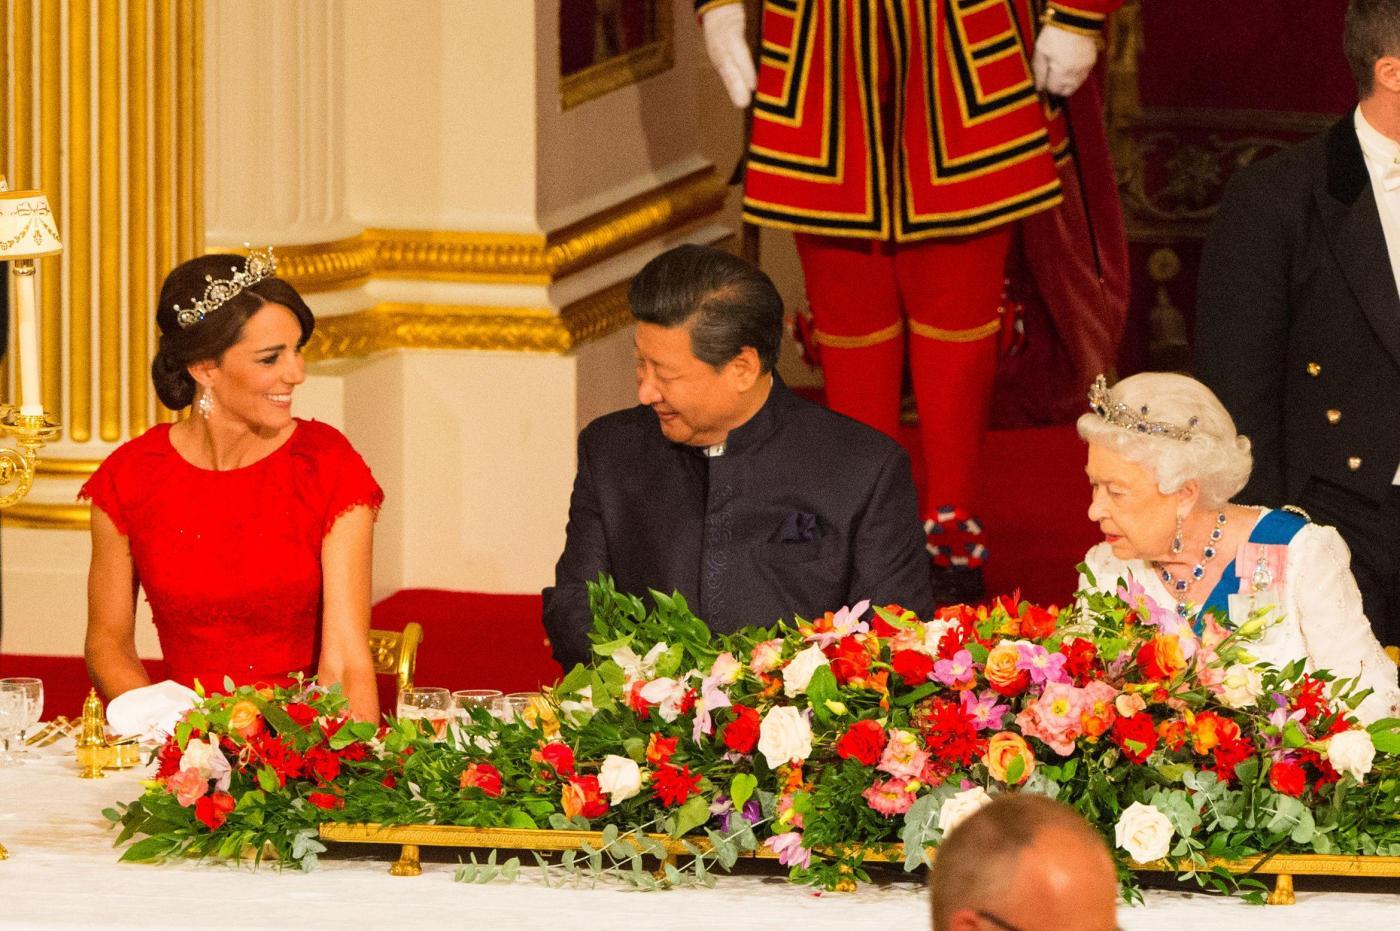 Kate Middleton con tiara e abito rosso alla cena di gala FOTO3